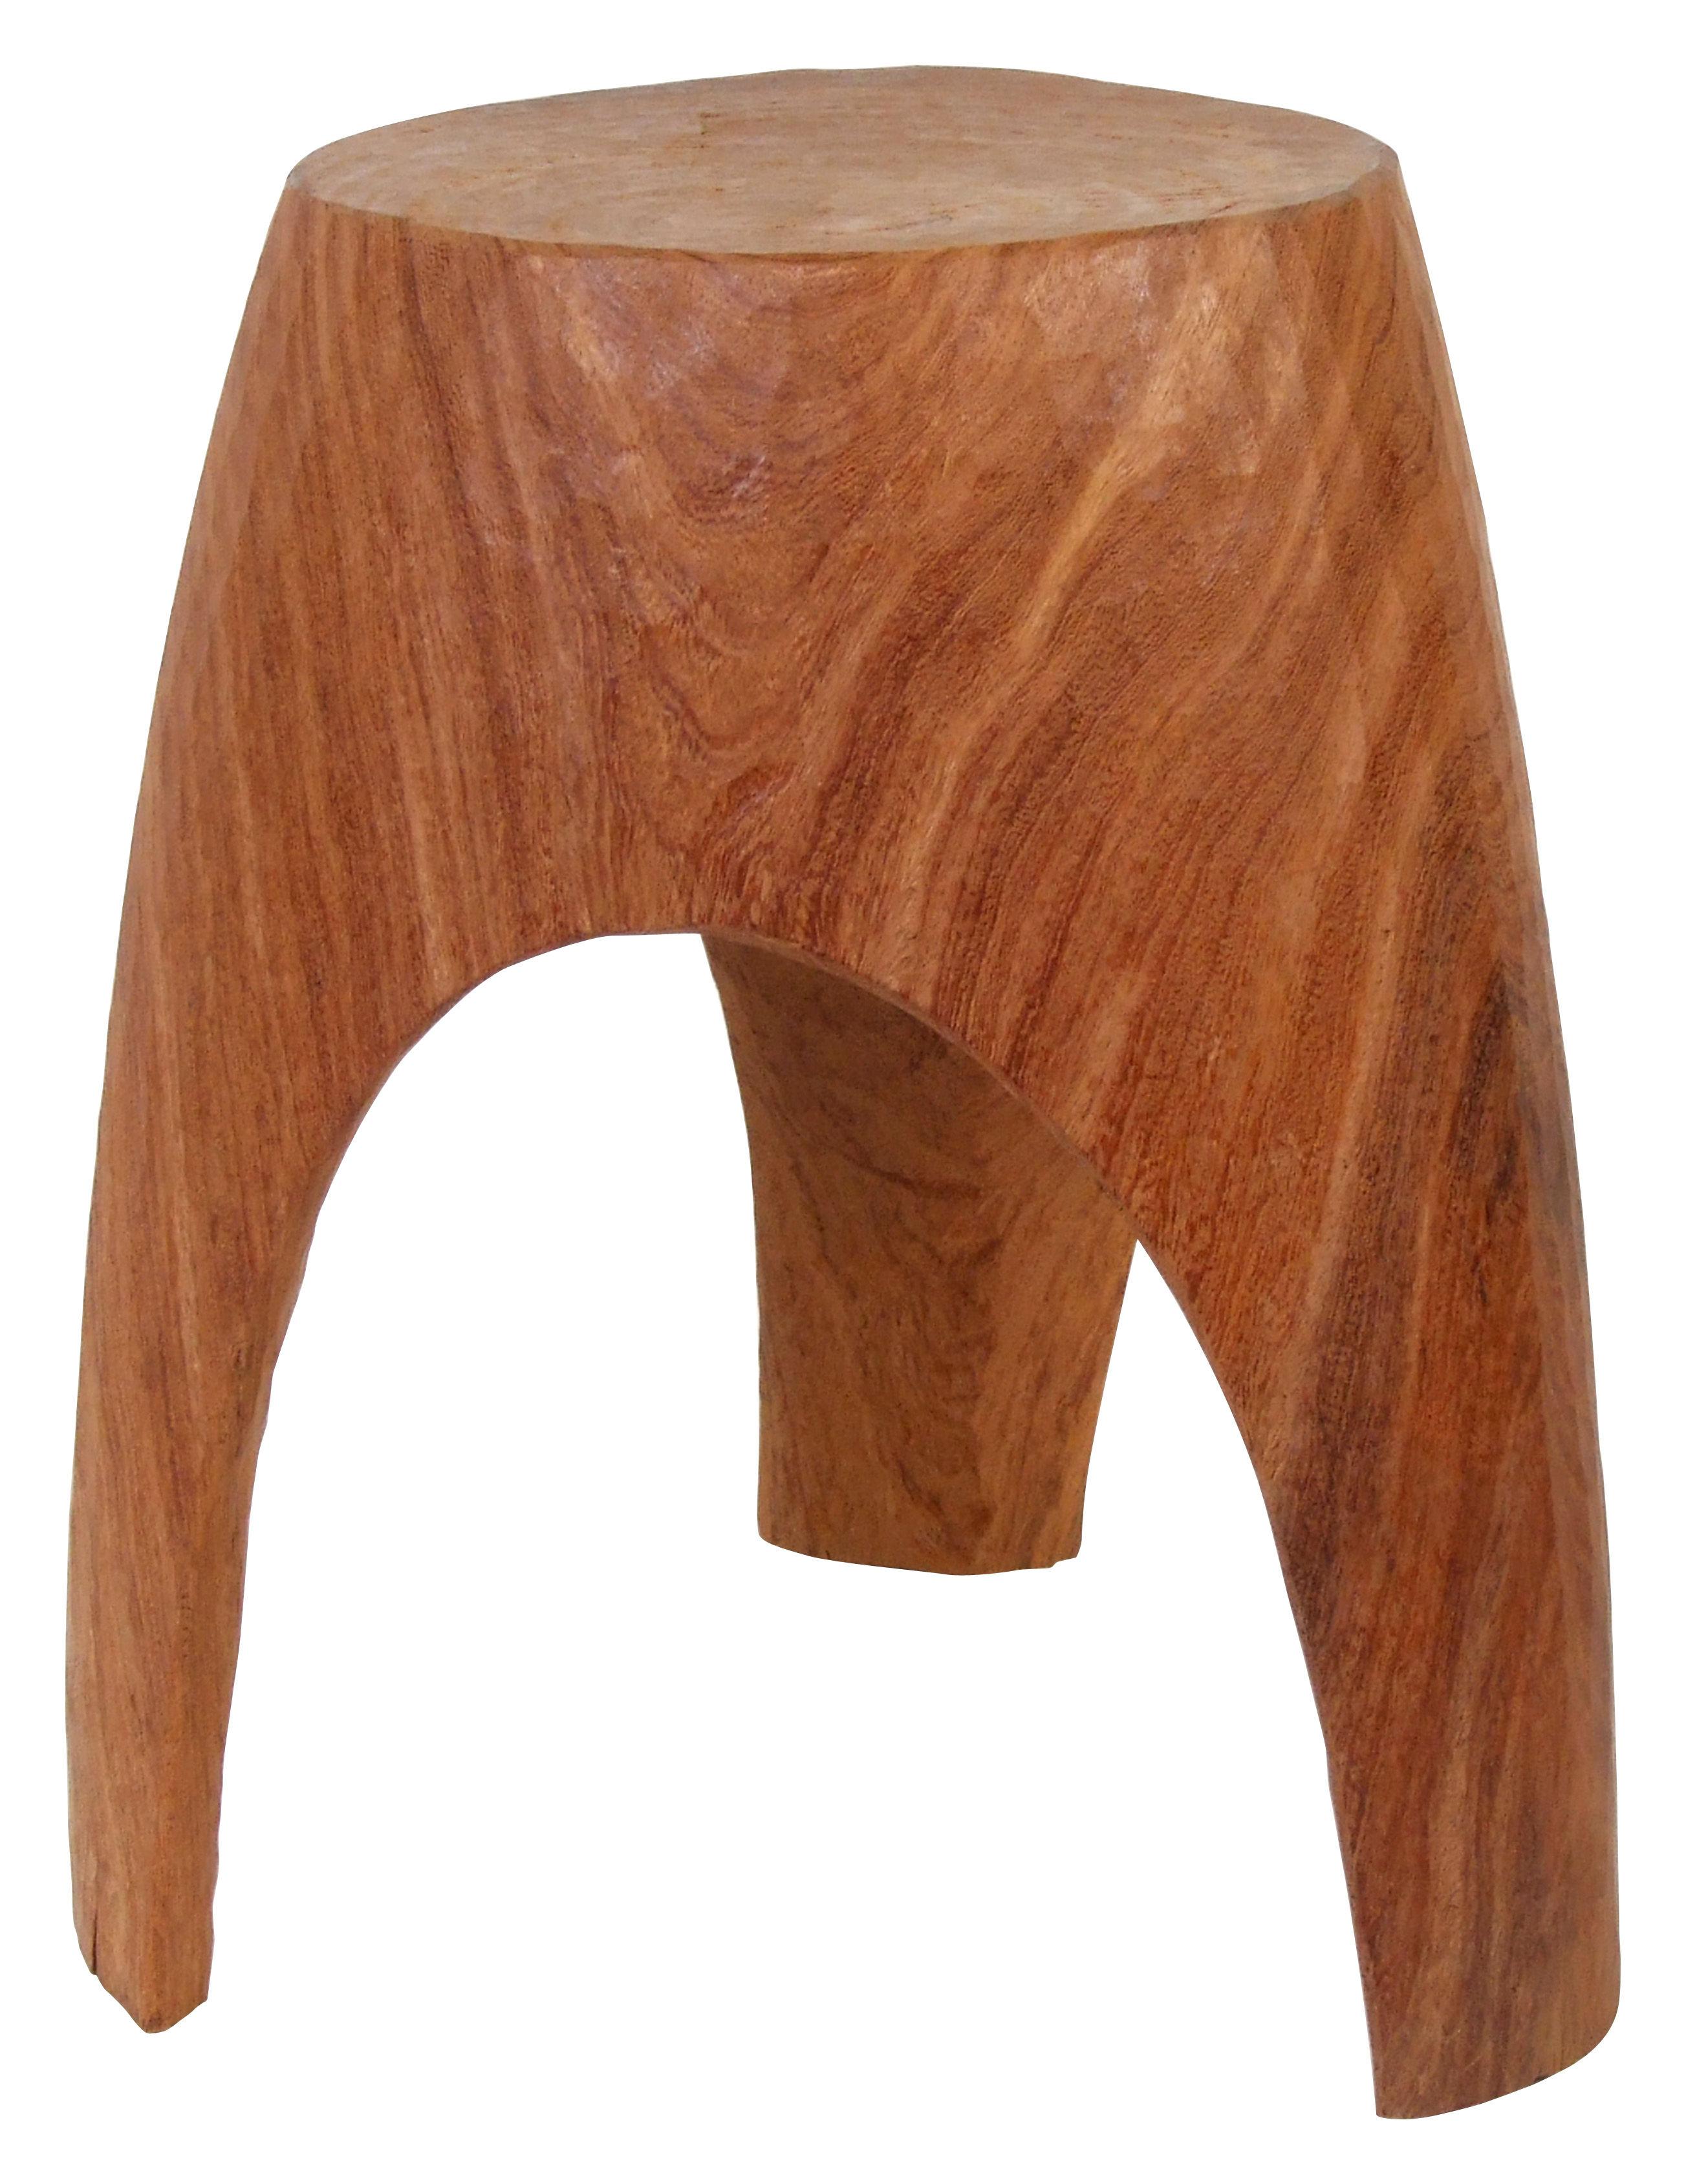 Arredamento - Sgabelli - Sgabello 3 Legs di Pols Potten - Legno - Legno